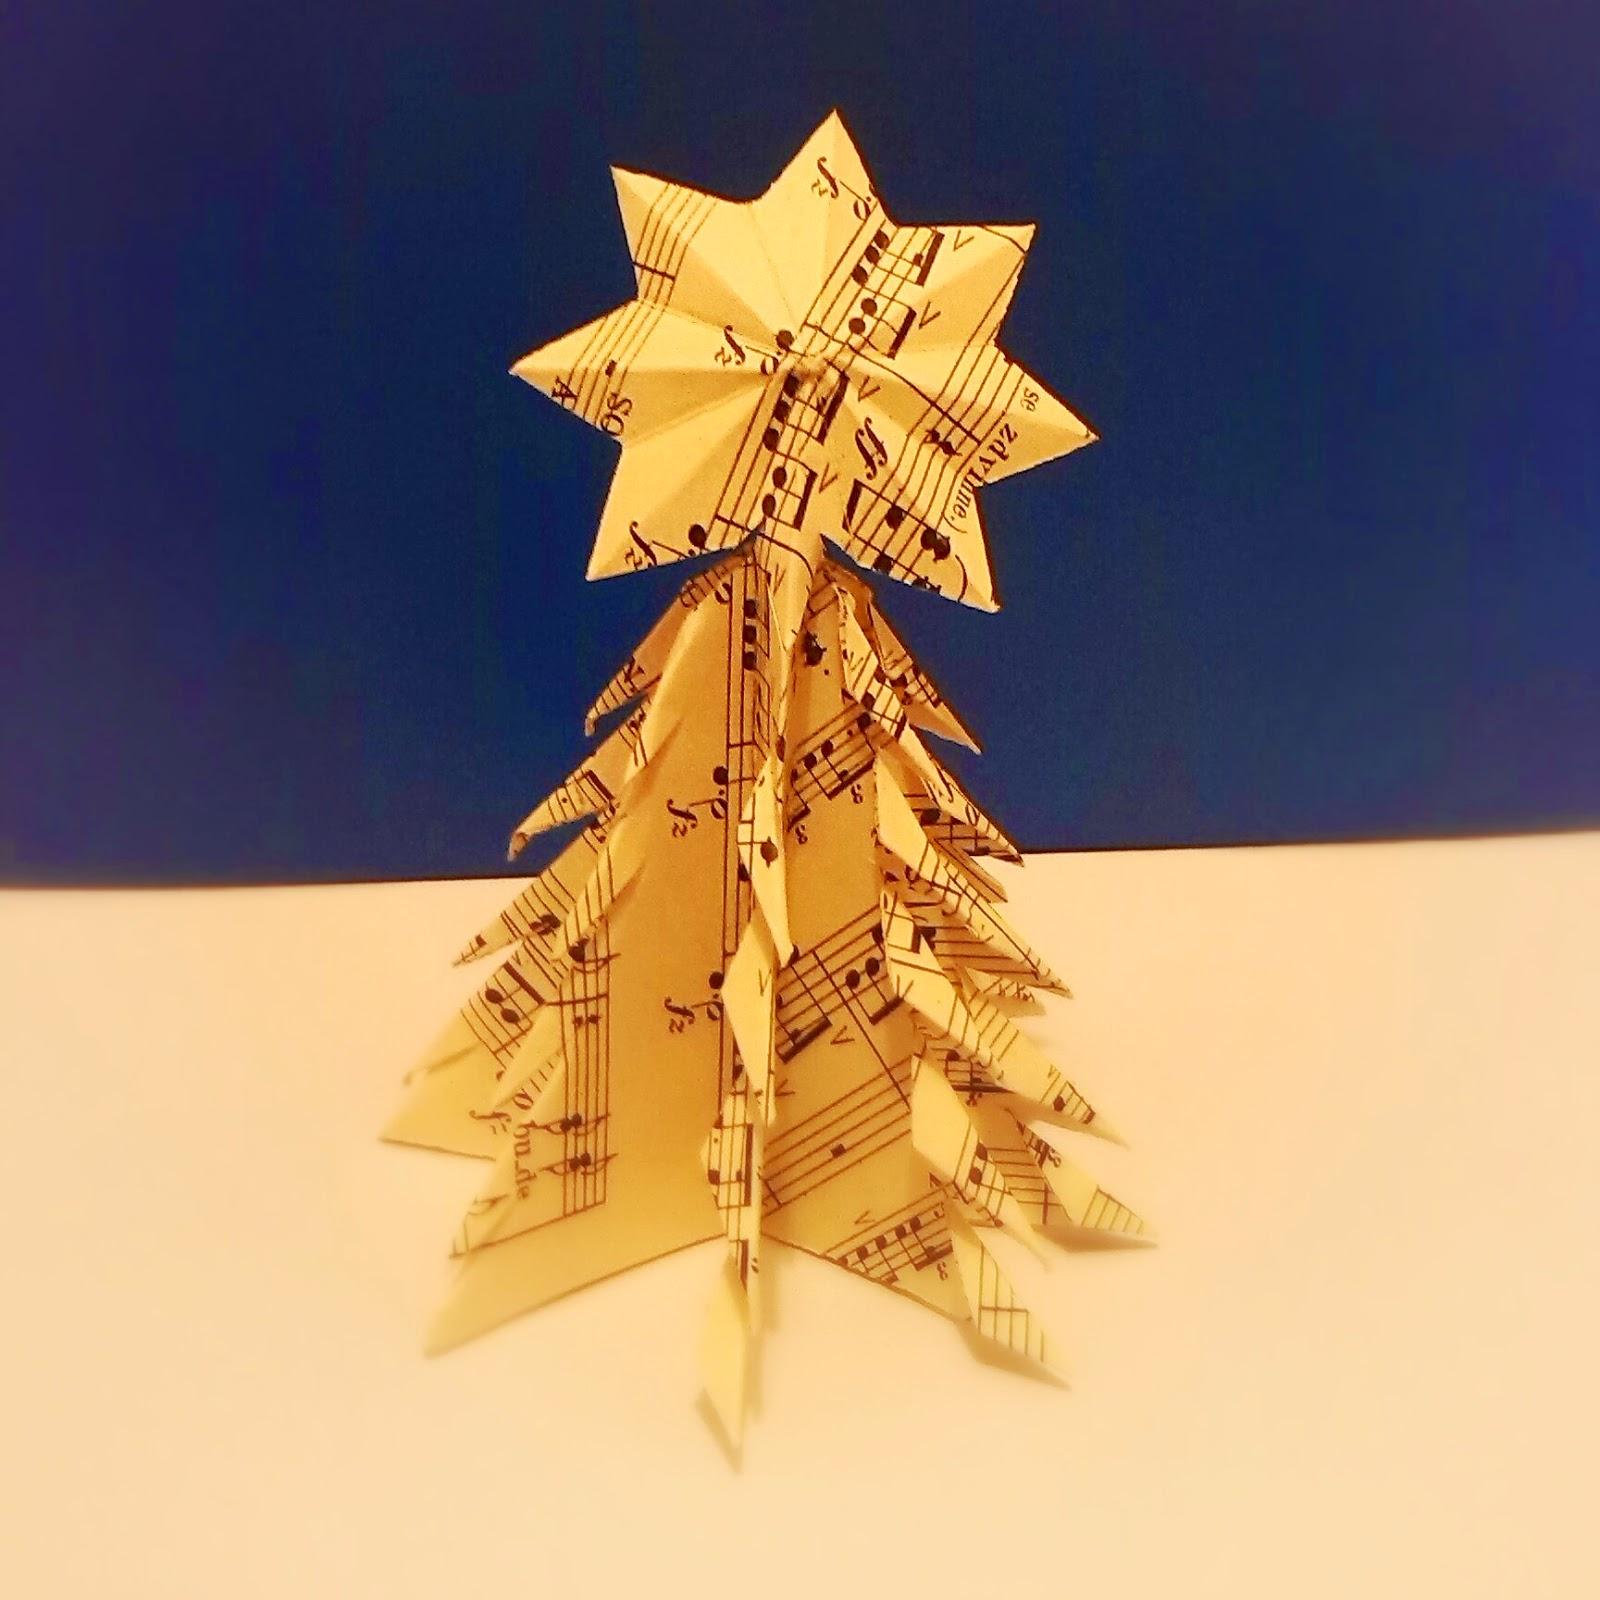 HOLKAMODROOKATA: Papírový vánoční stromeček - photo#42